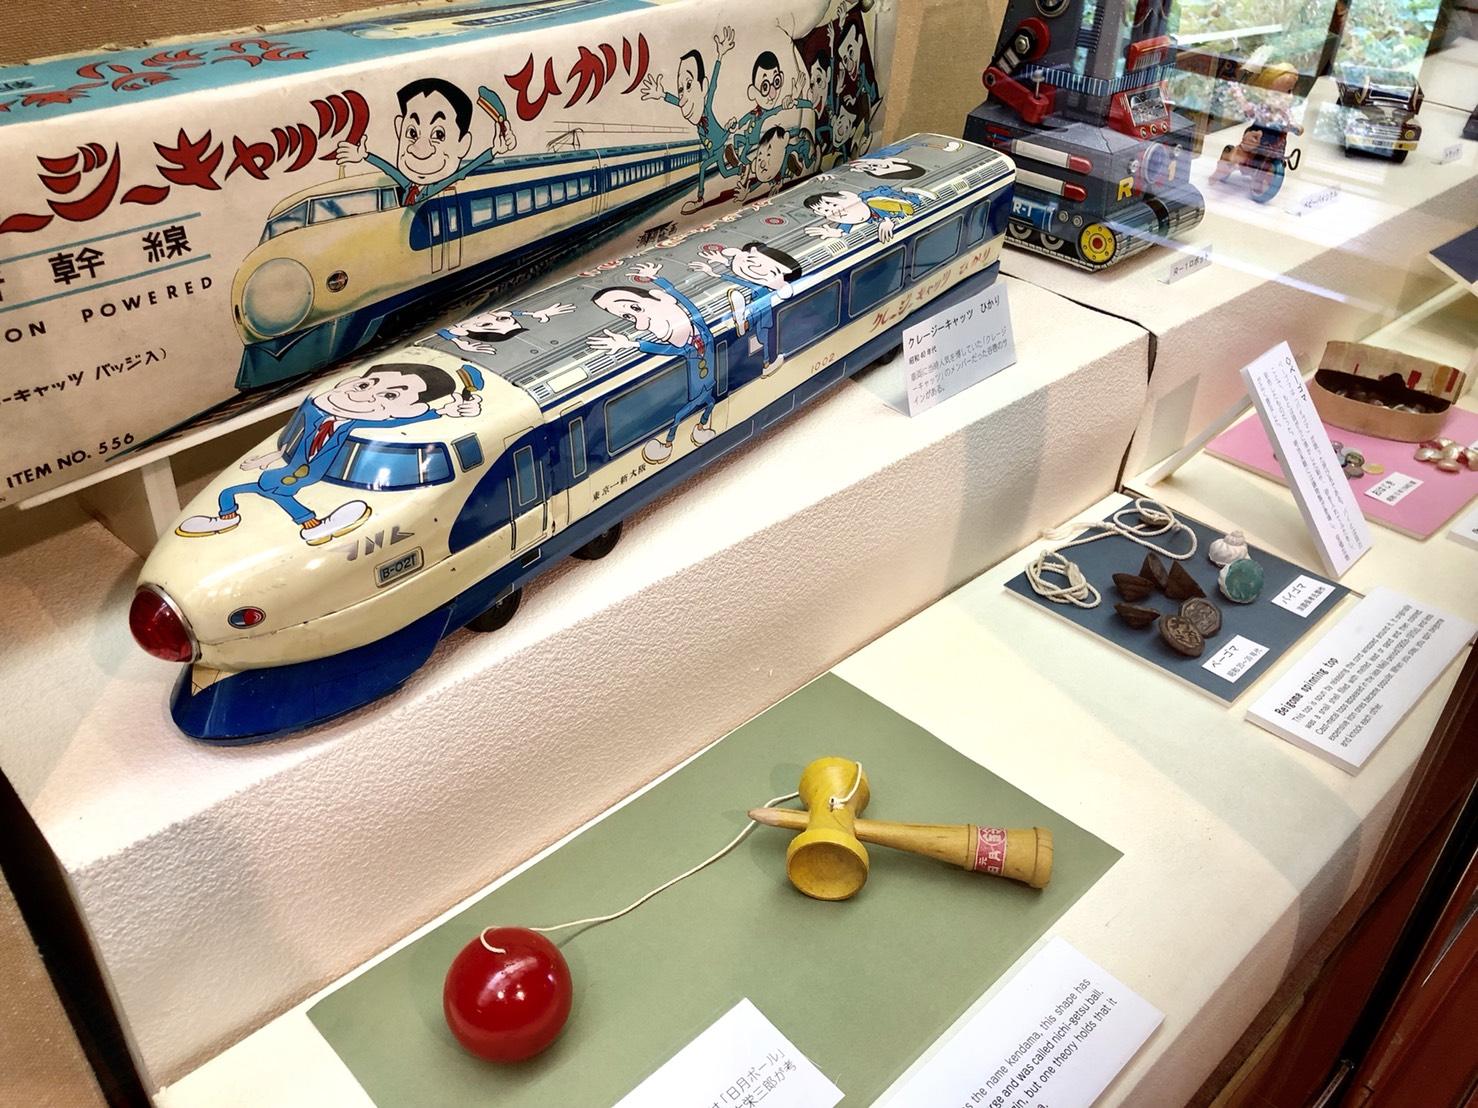 新幹線開業(昭和39年)の頃のおもちゃ